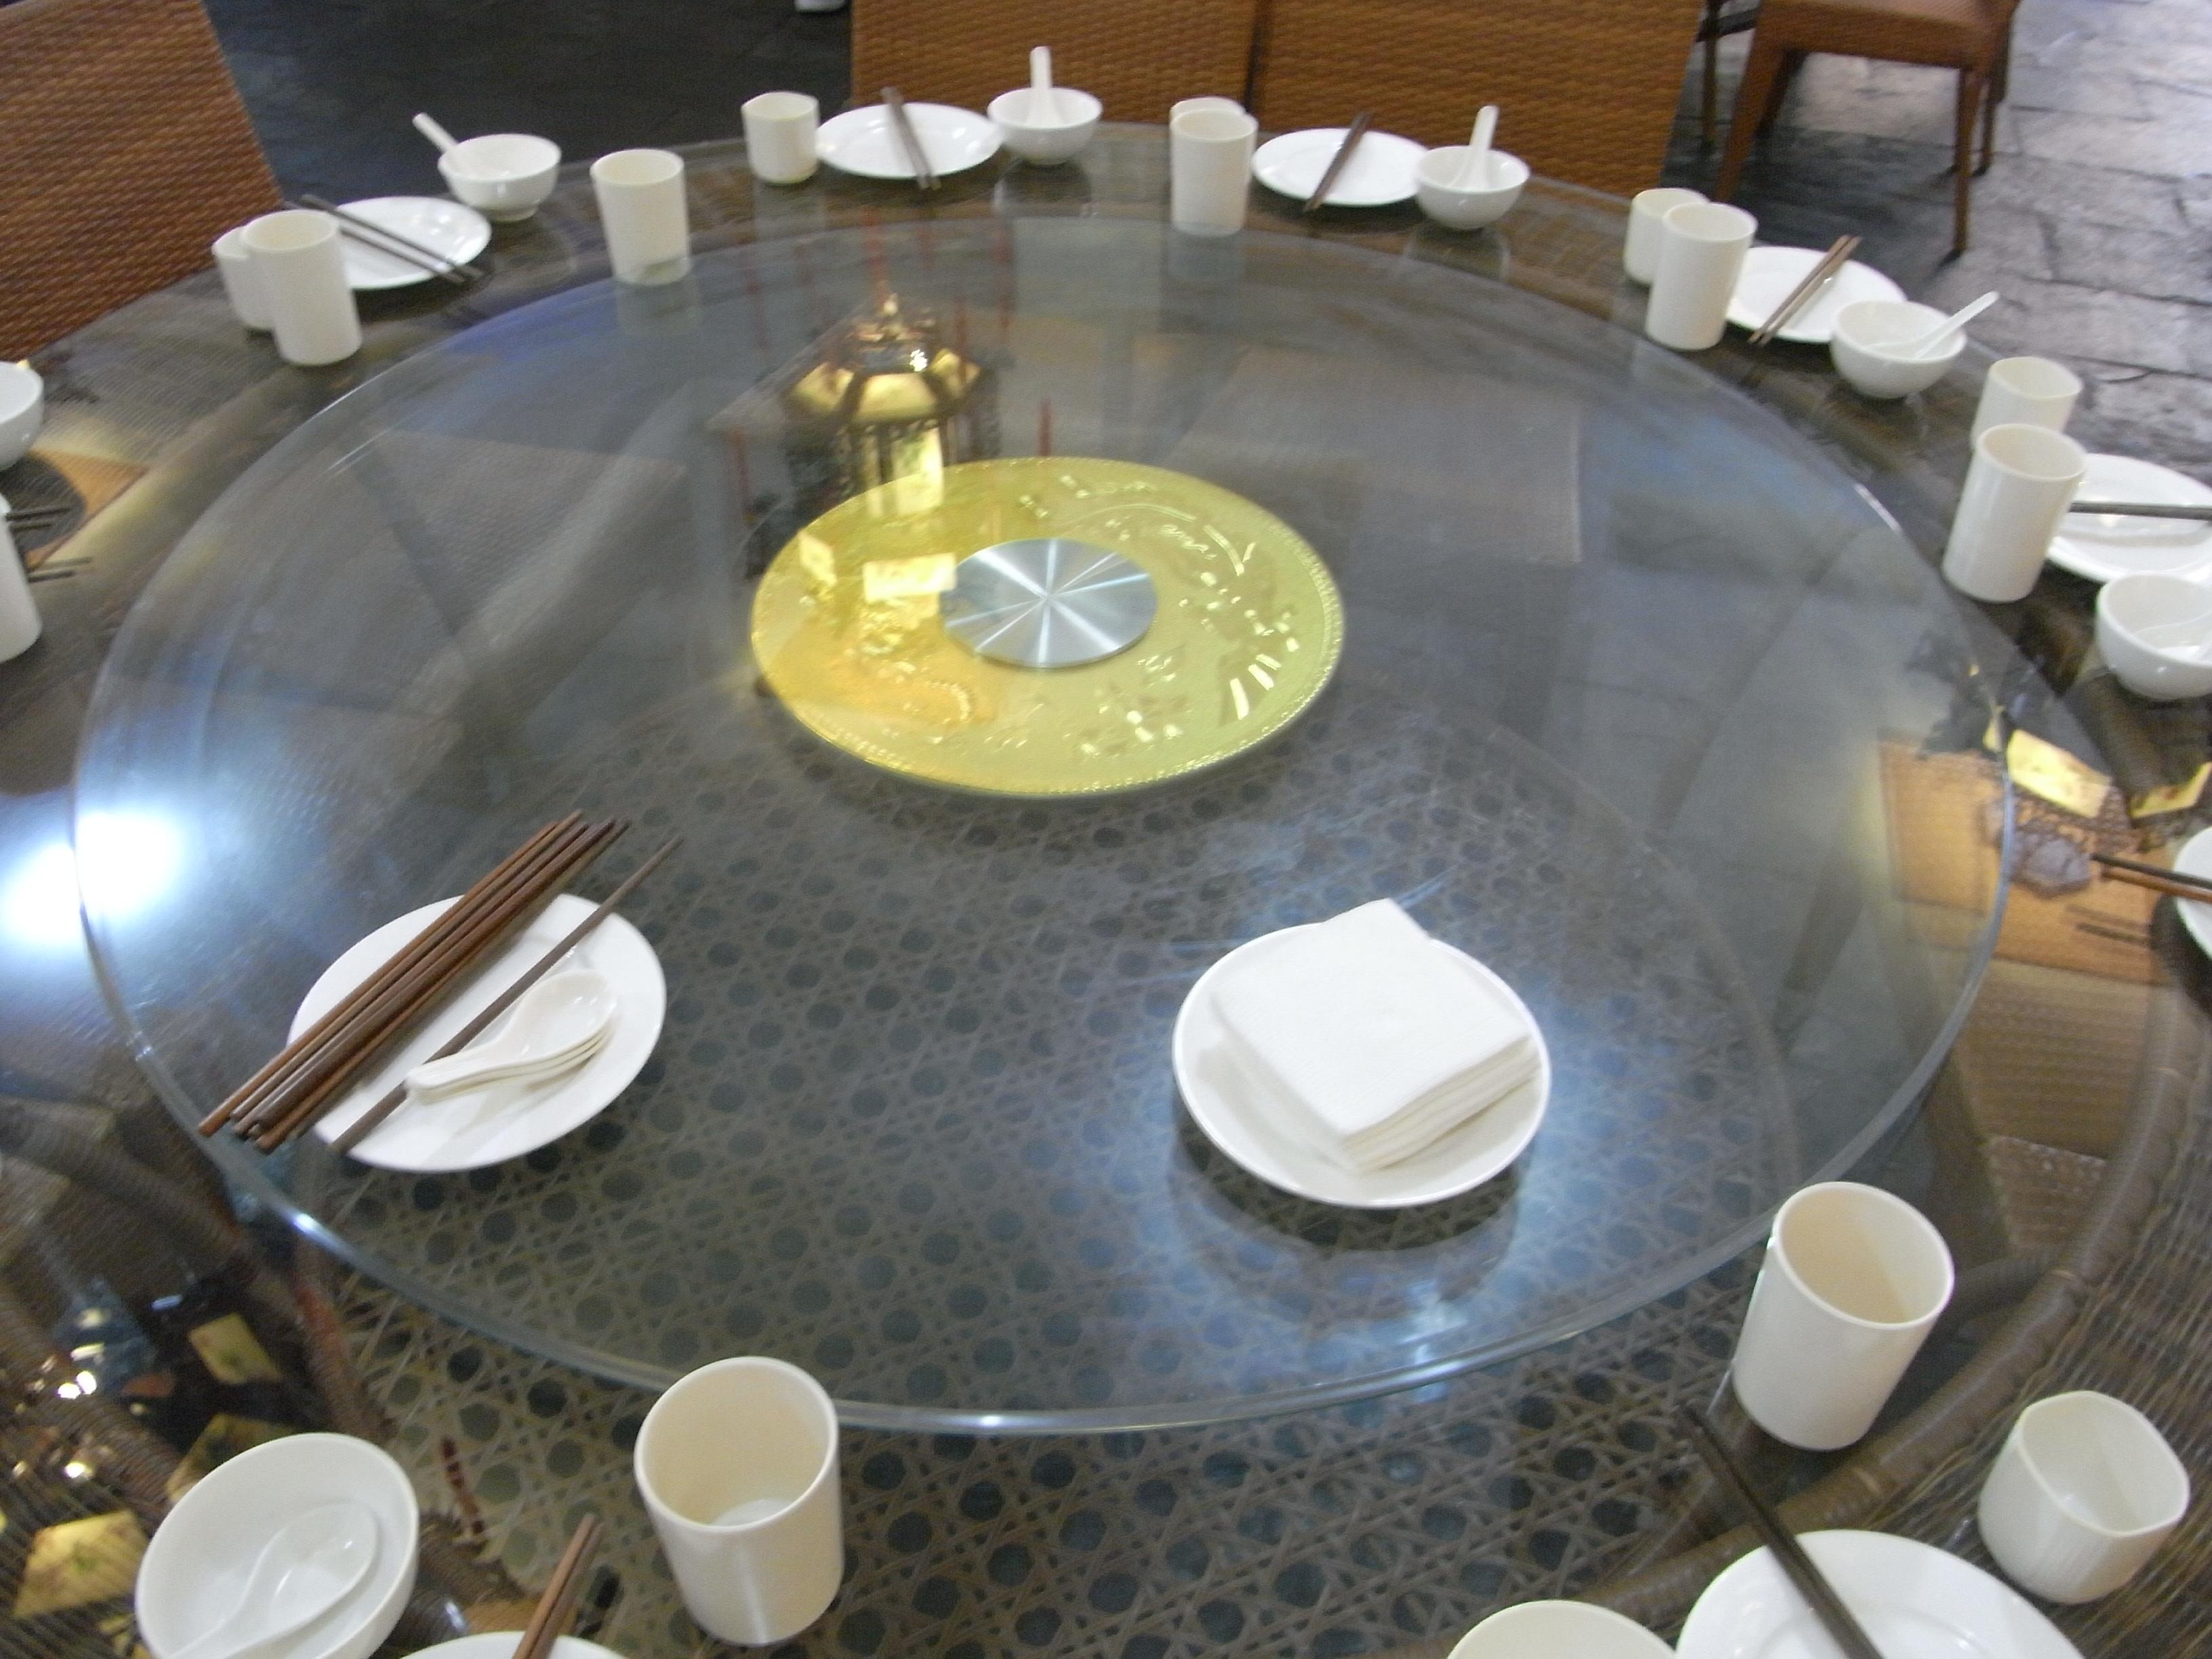 Chinese Table Setting Wwwimgkidcom The Image Kid Has It